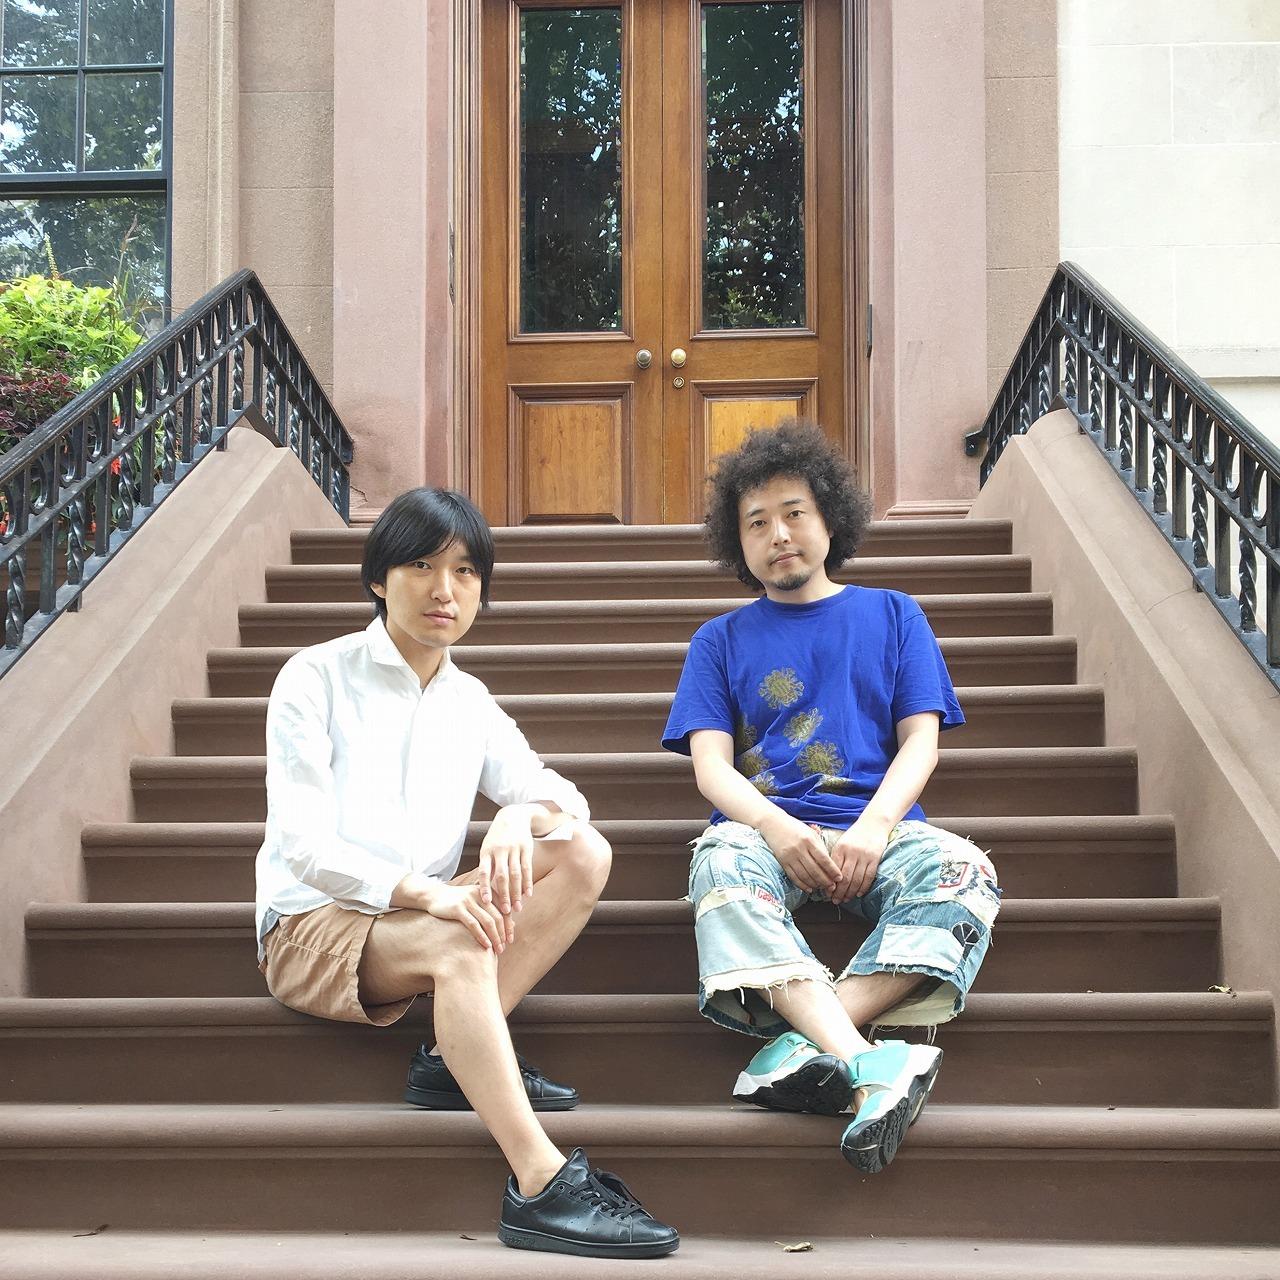 蓮沼執太&U-zhaan